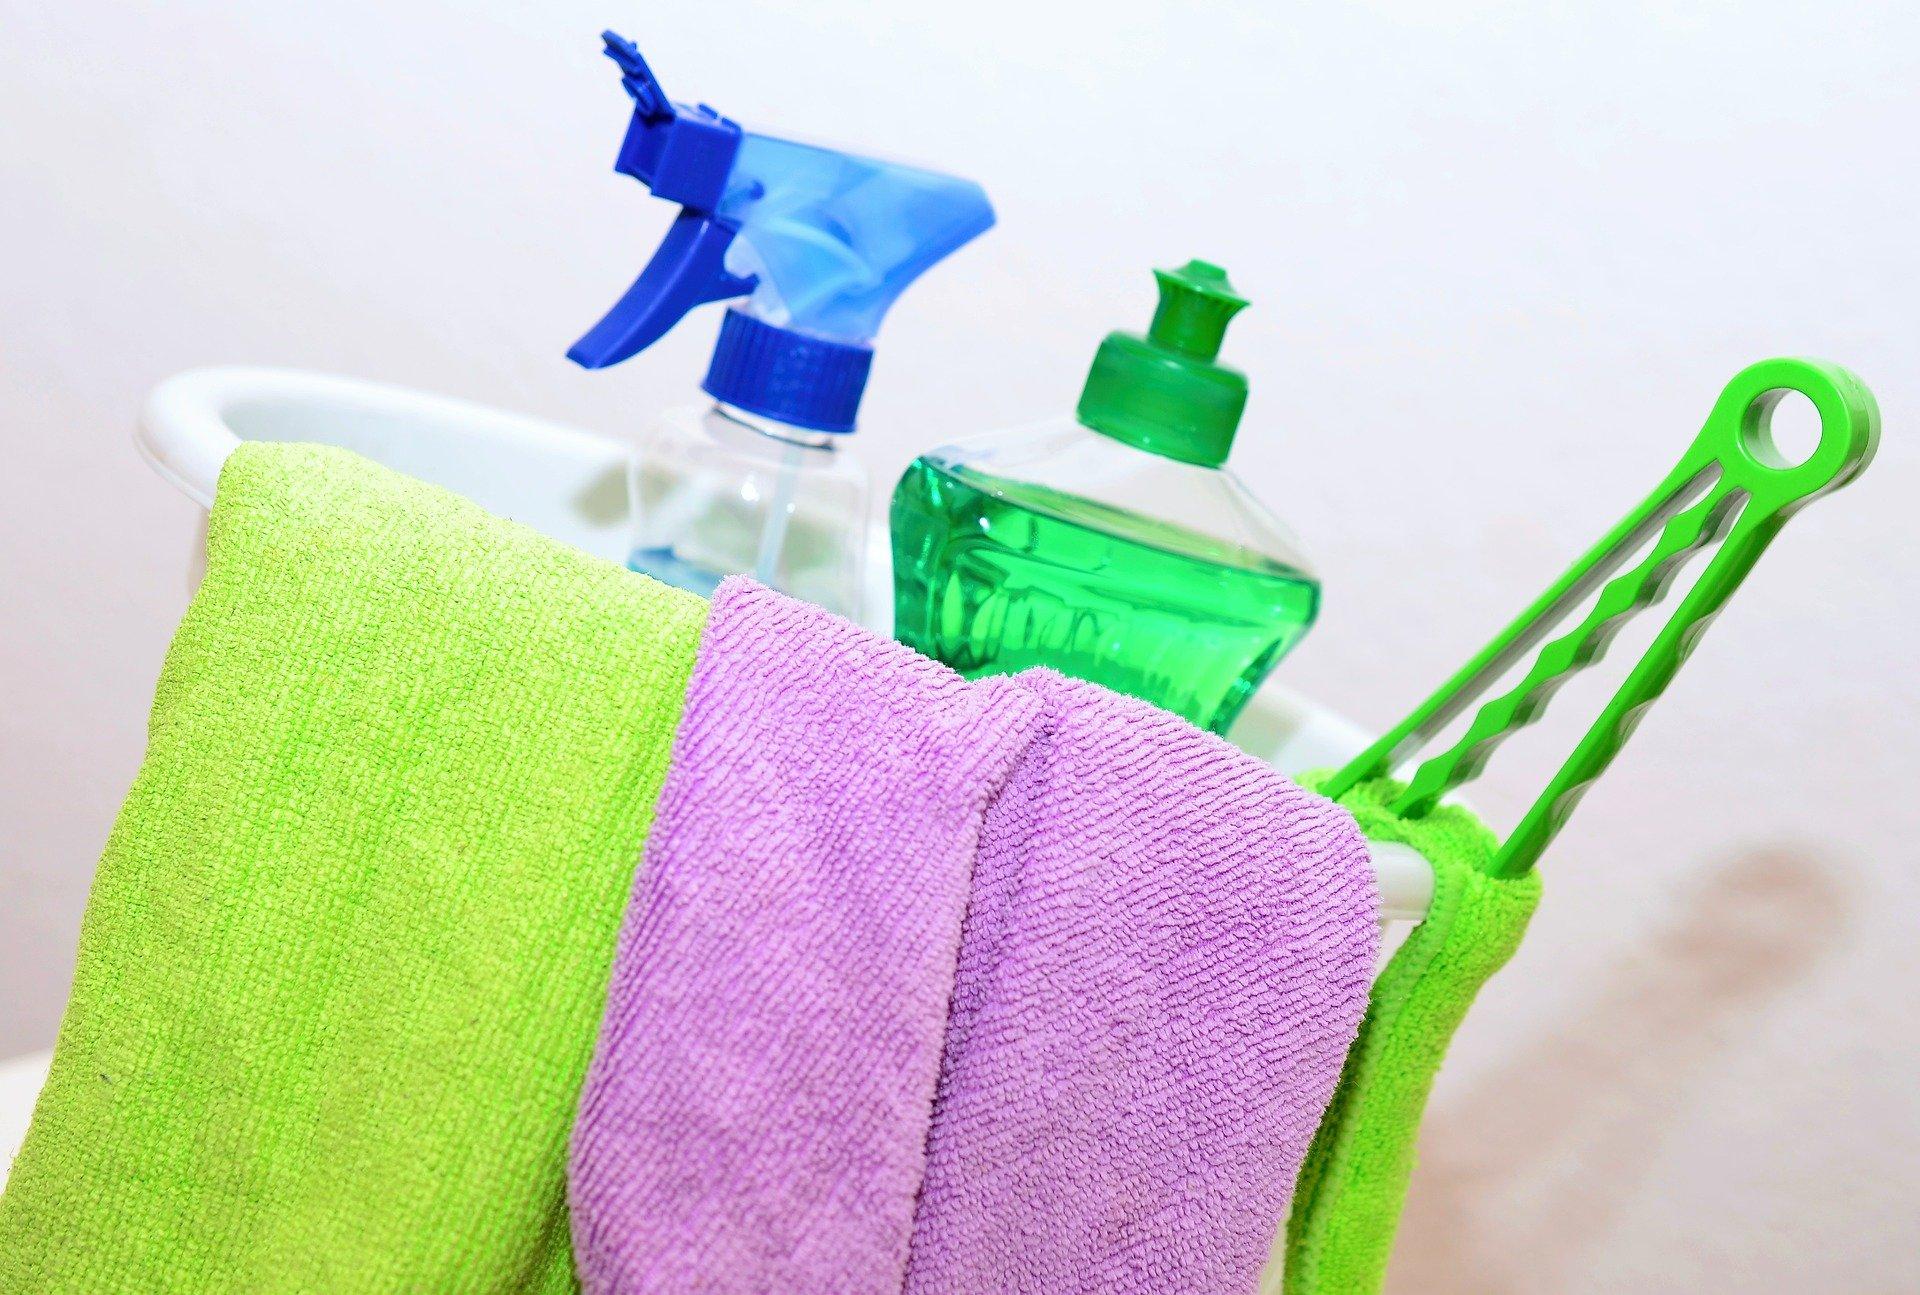 さいごに: 要所要所にマイクロファイバークロスをおいて、ササッと掃除を習慣化しちゃいましょうっ!